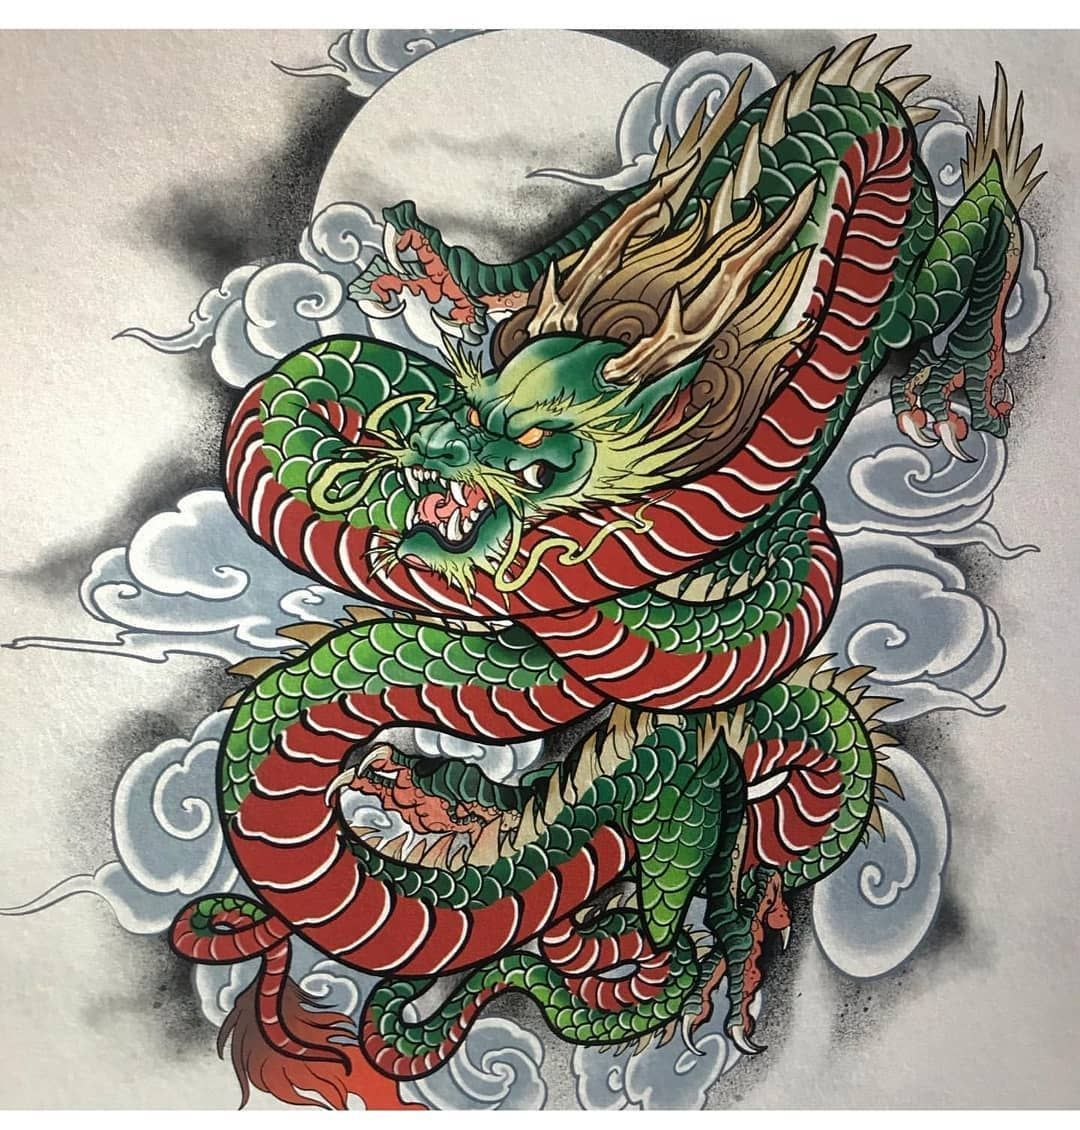 Irezumi Culture Tattoo En Instagram Impresionante Trabajo De Arte Del Dragon Realizado Por In 2020 Dragon Tattoo Art Japanese Dragon Tattoos Dragon Tattoo Colour